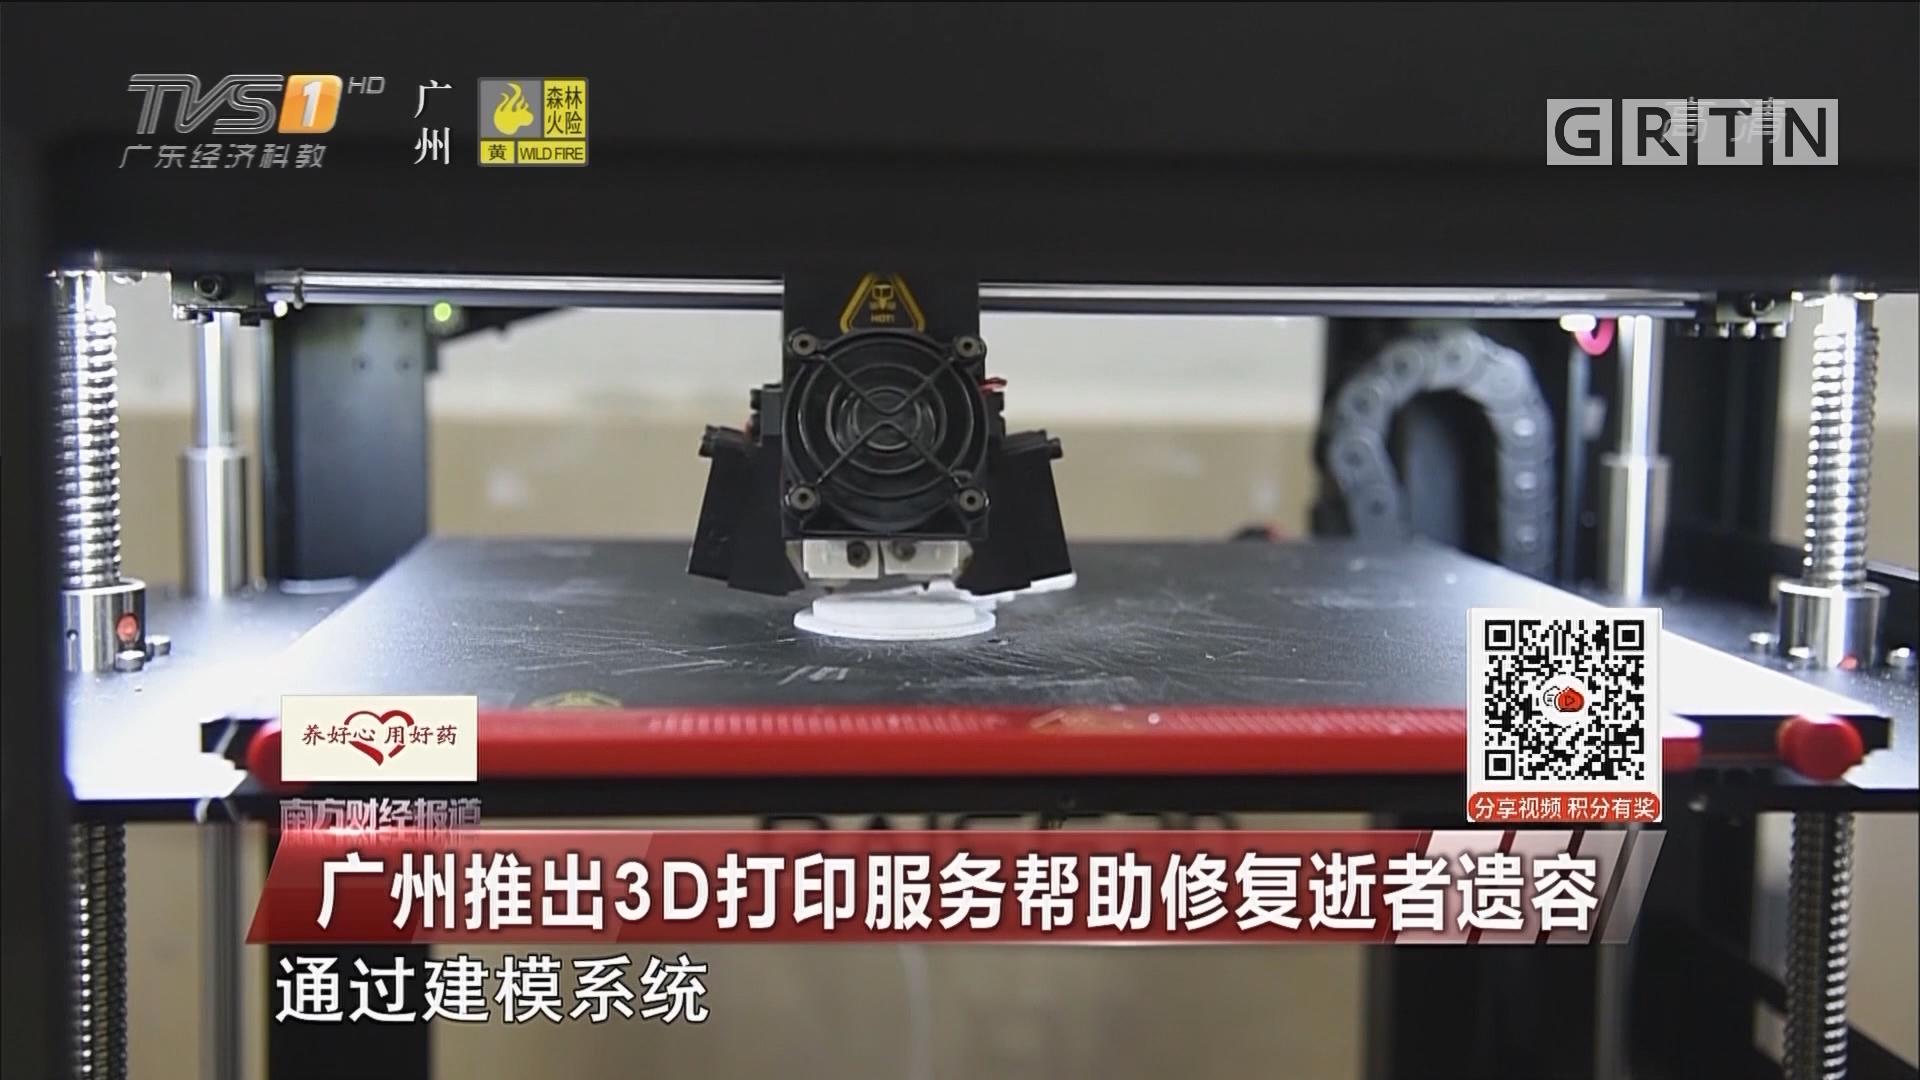 广州推出3D打印服务帮助修复逝者遗容